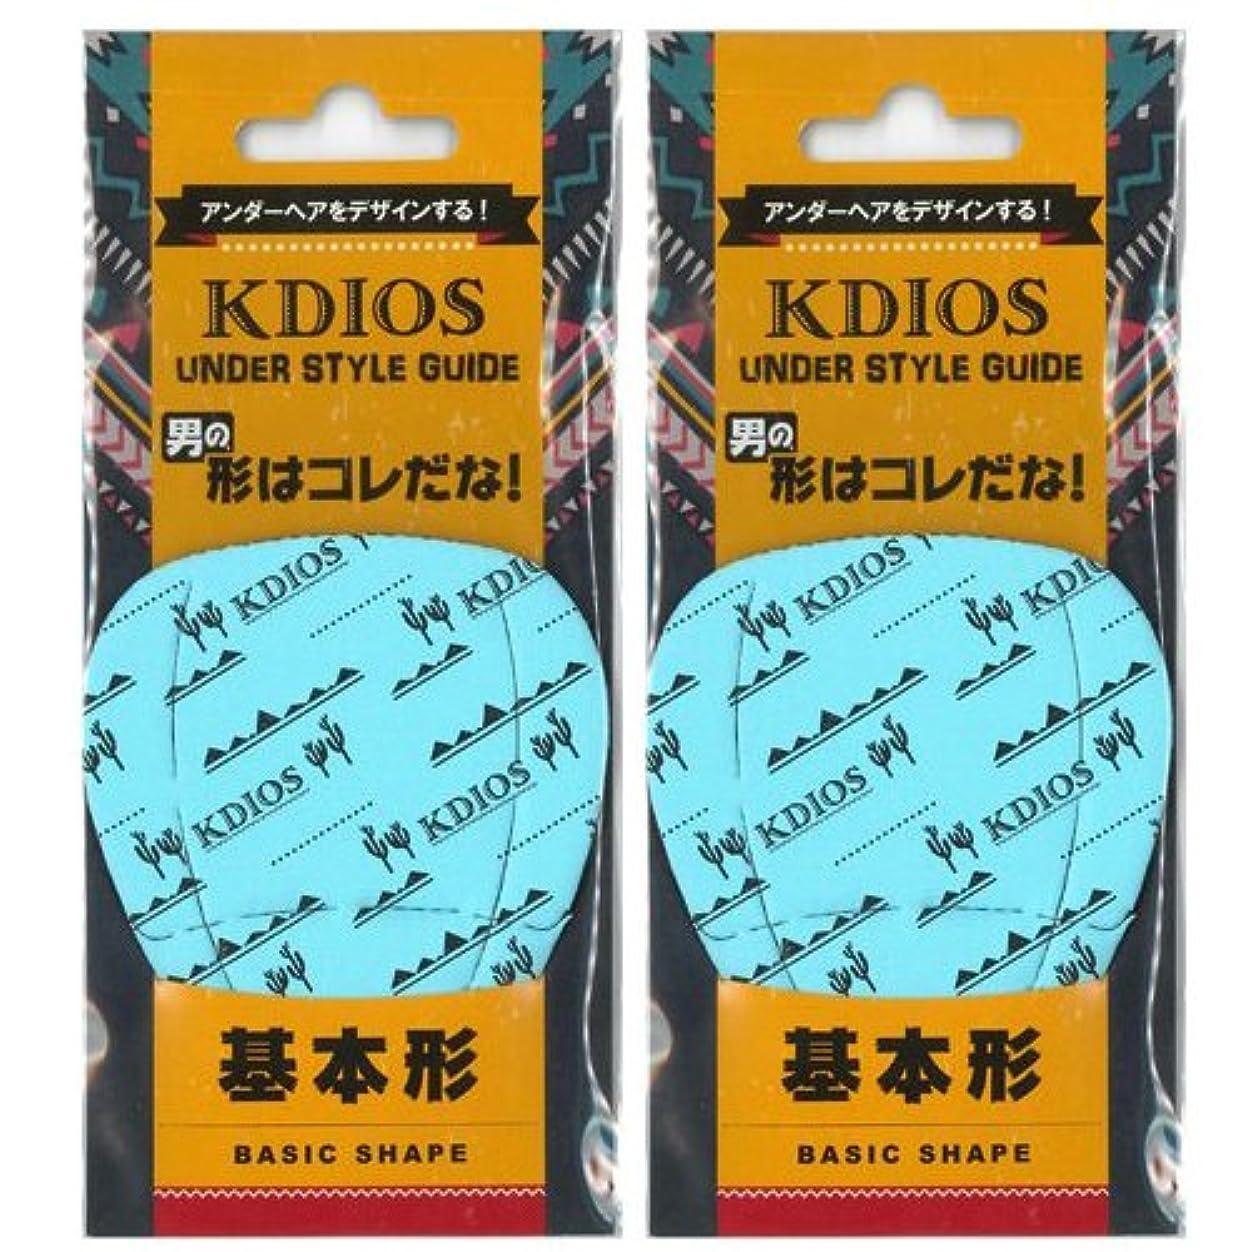 タービン筋肉のびっくりKDIOS(ケディオス) アンダースタイルガイド 「基本形」 FOR MEN ×2個セット